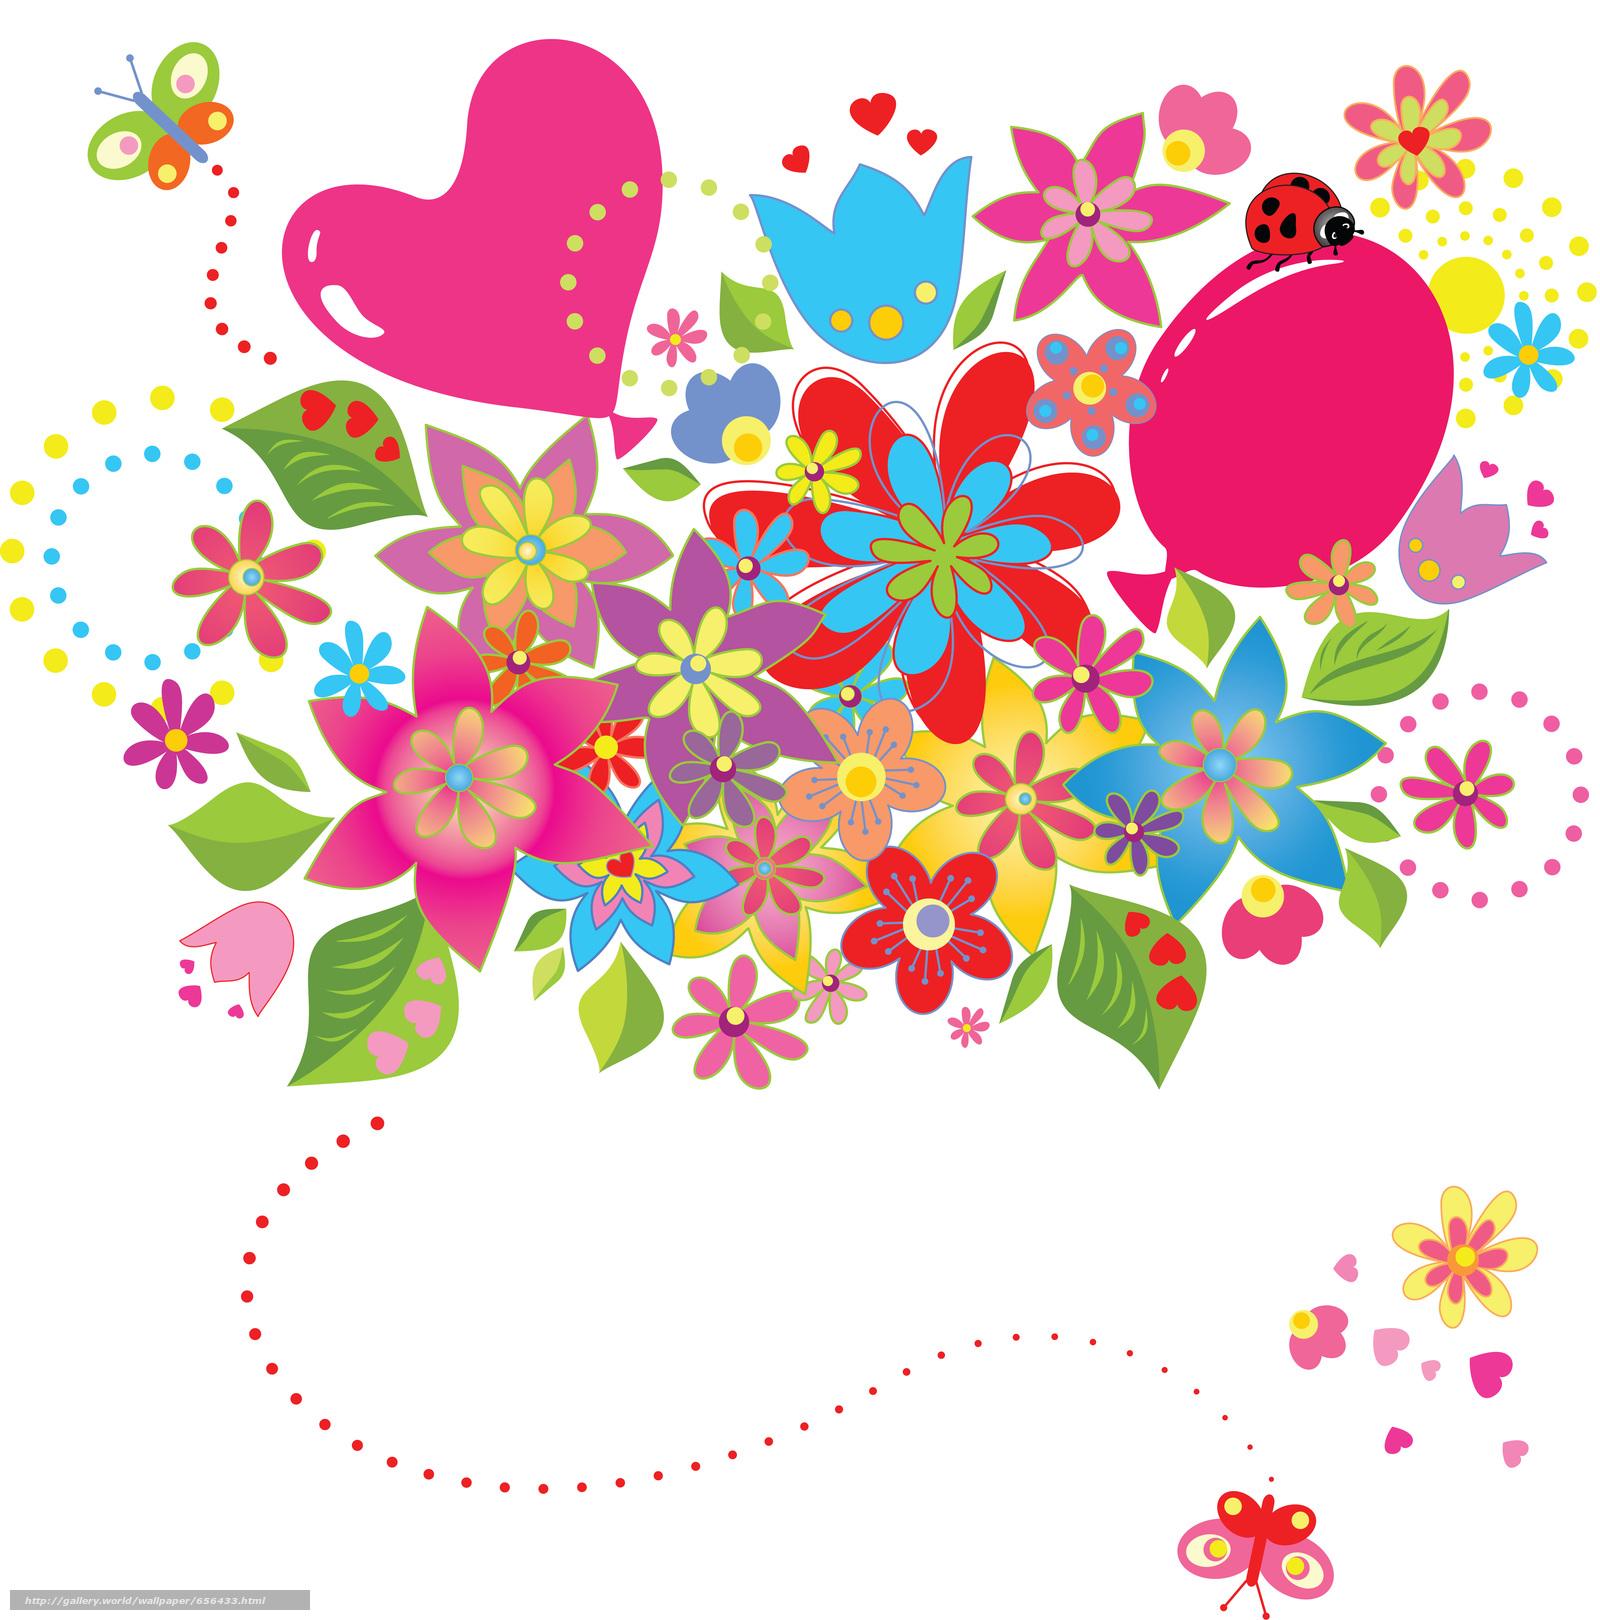 Скачать обои день святого валентина,  день всех влюбленных,  праздник,  сердце бесплатно для рабочего стола в разрешении 5748x5820 — картинка №656433